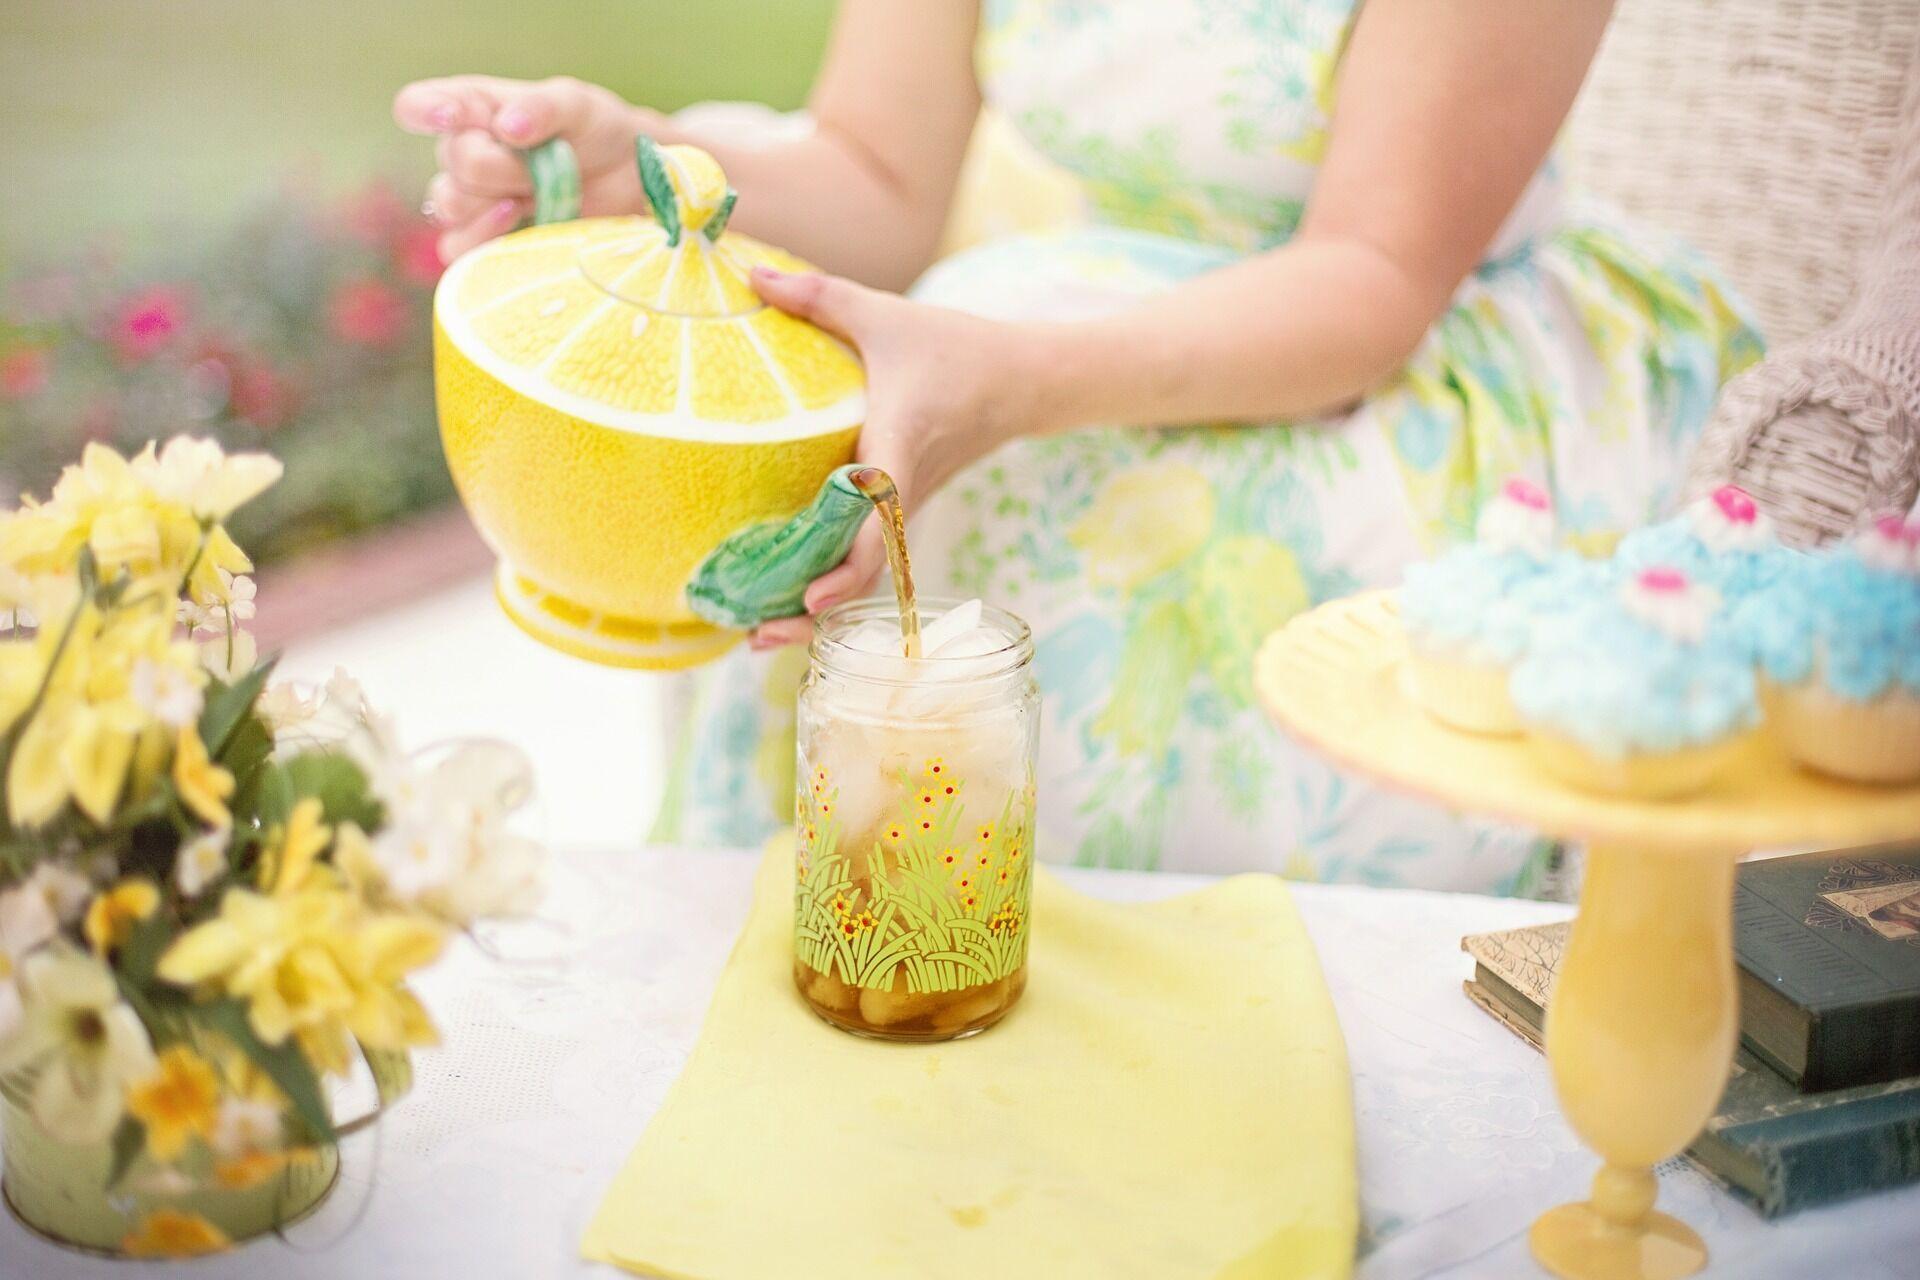 Гарячі напої можуть сприяти охолодженню організму